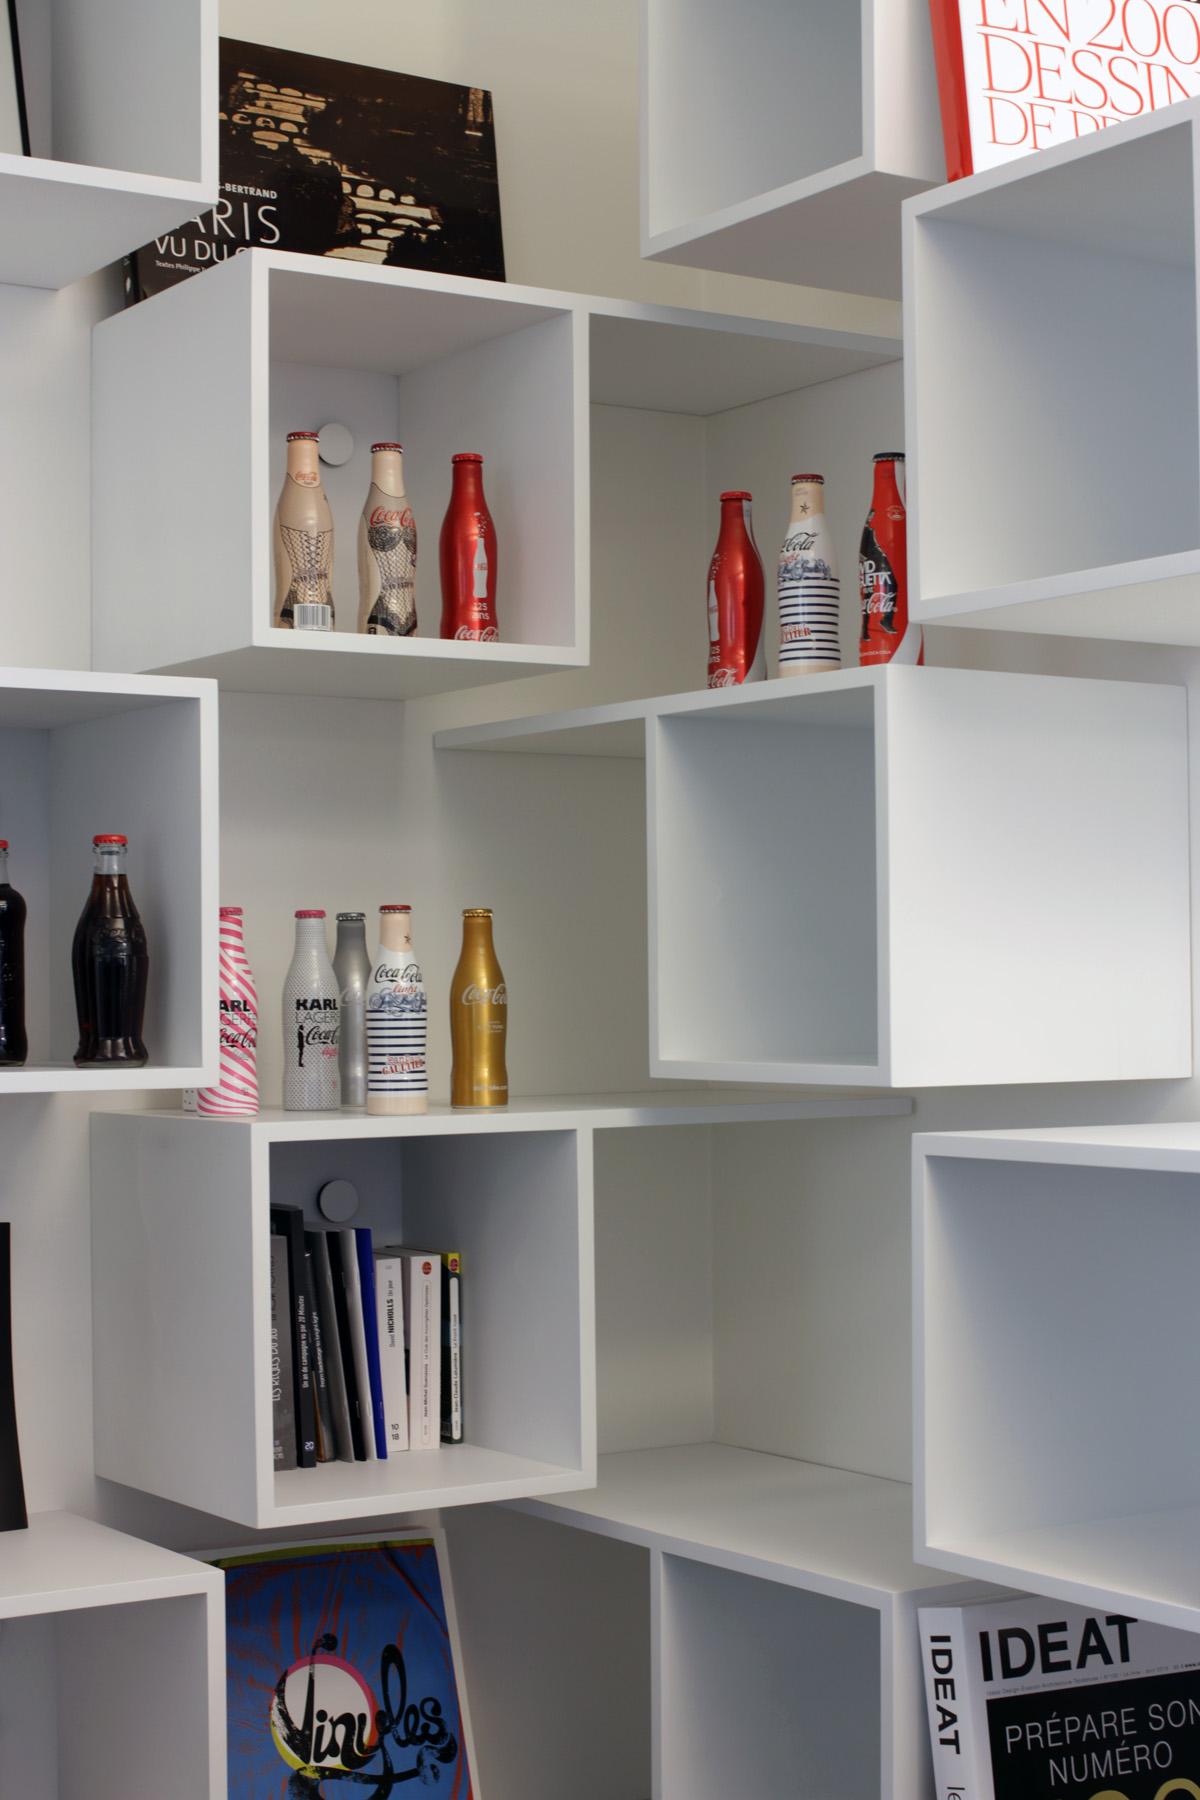 Media-tech4 AEGIS MEDIA bibliothèque Mobilier cubes blanc bureau Jadot design sur-mesure Agence MAJOTIK